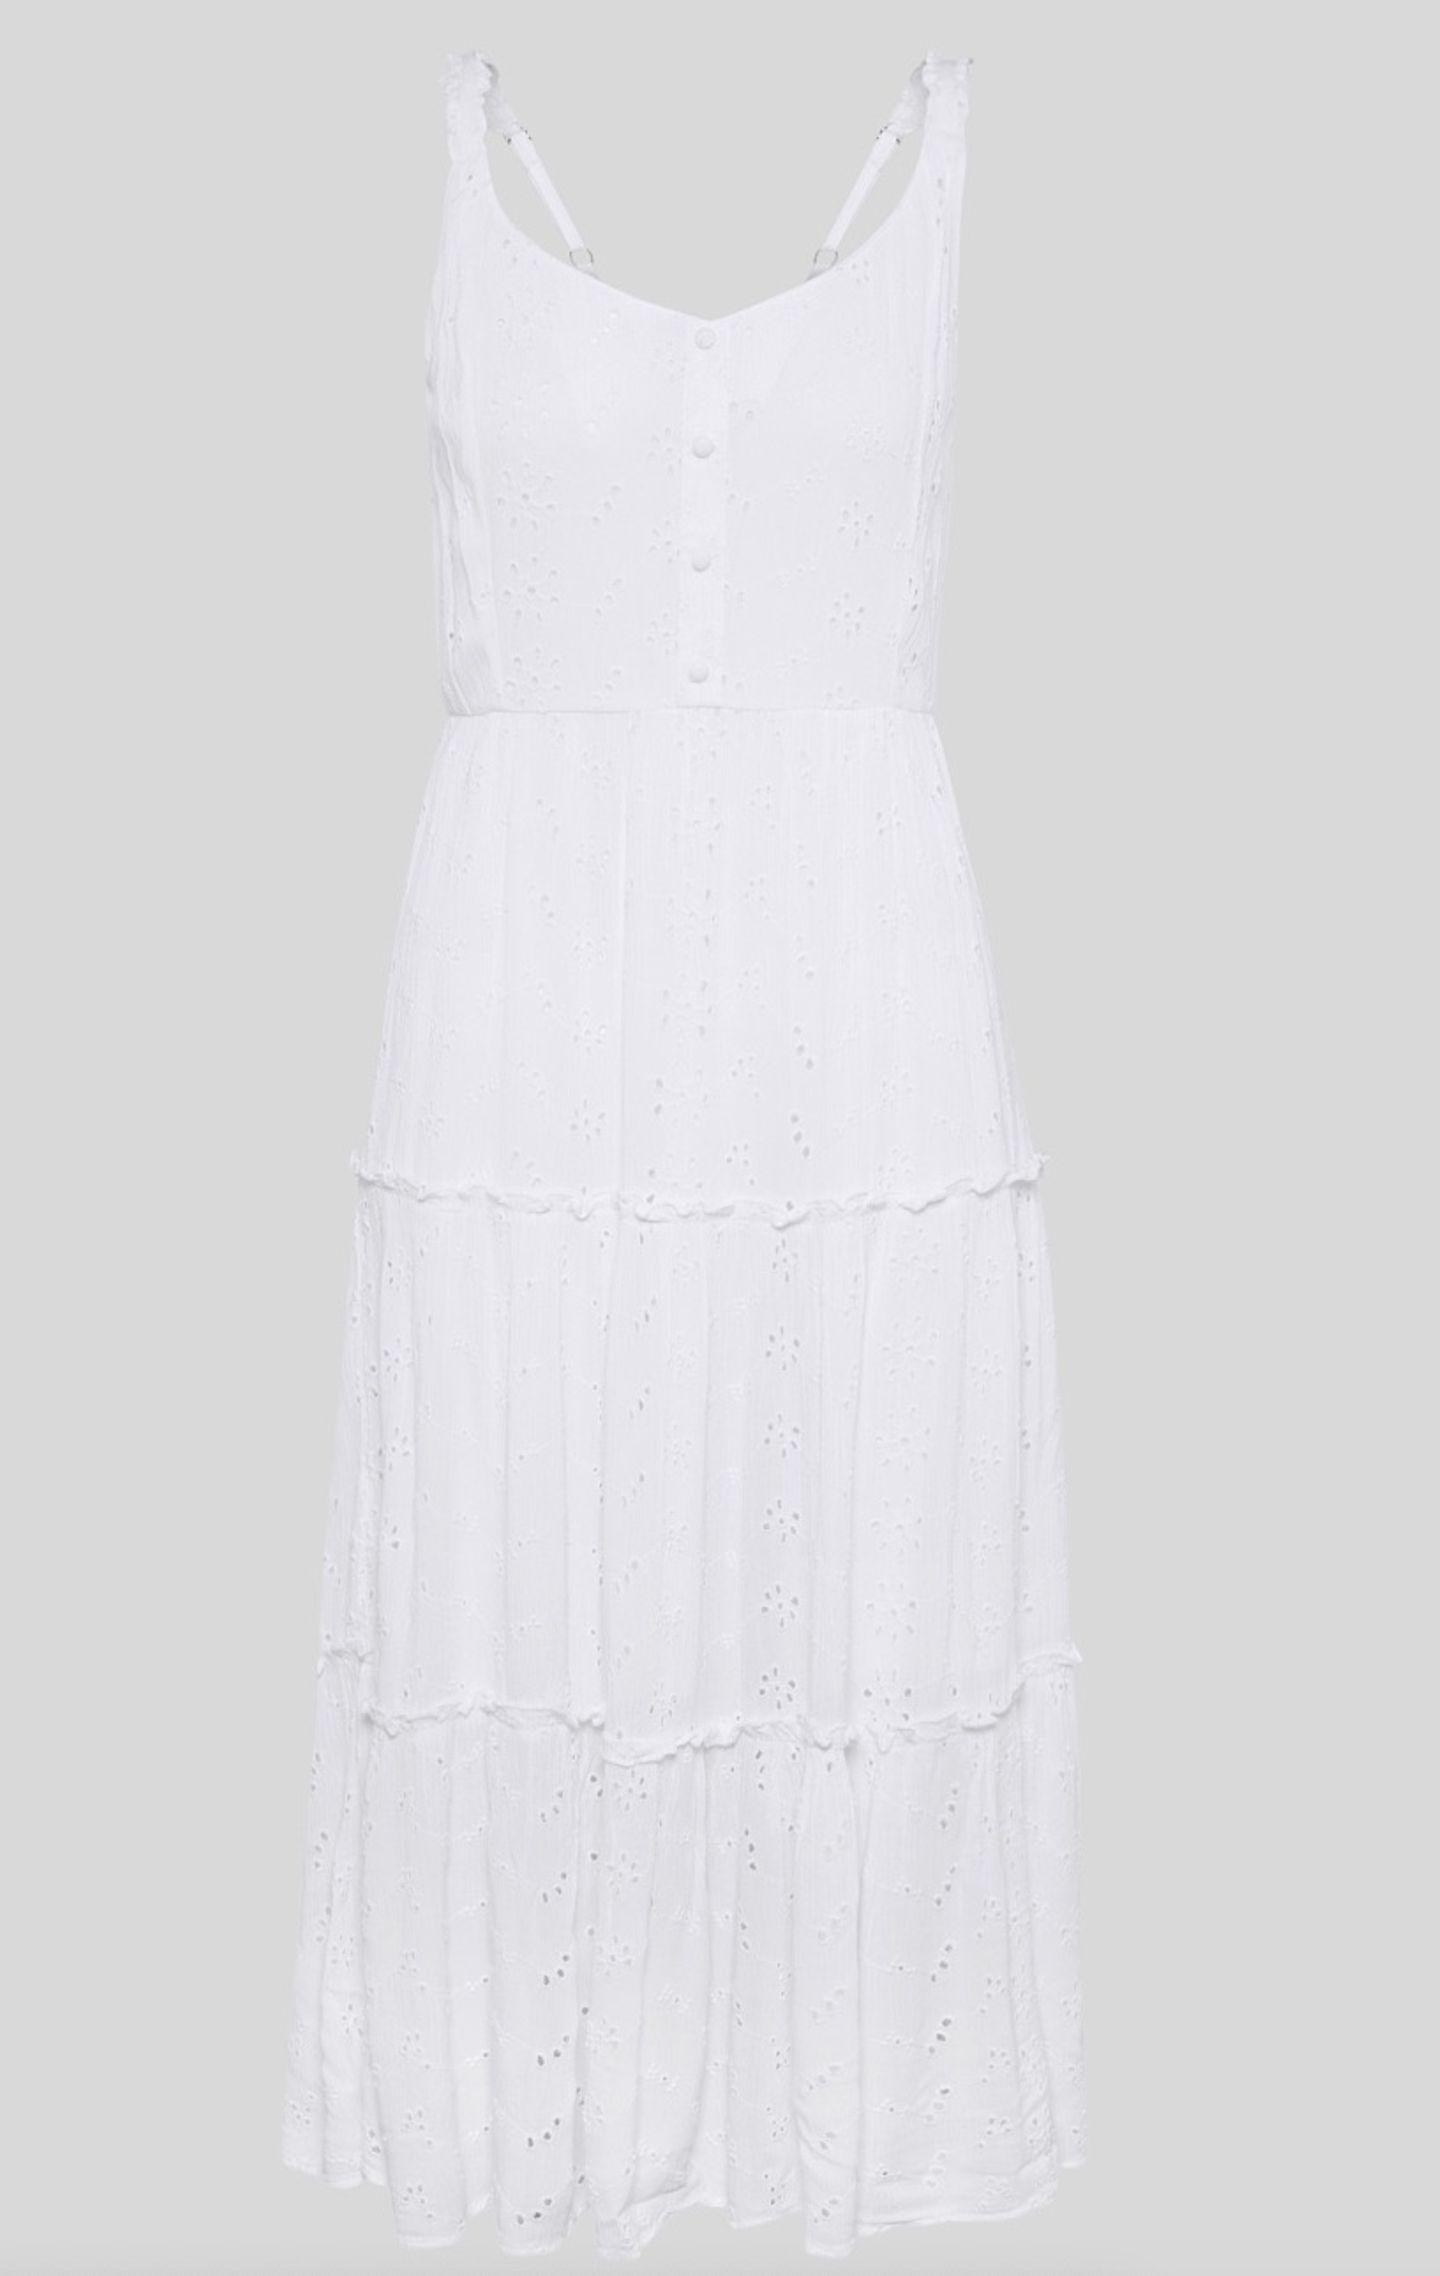 Weiße Kleider gehören im Sommer ebenso in den Kleiderschrank wie süße Bikinis oder luftige Blusen. Dieses Traumteil hier kommt mit cooler Lochspitze und süßen Knöpfen daher. Und das Beste: Es ist ein nachhaltig produzierter Style. Von C&A, um 30 Euro.